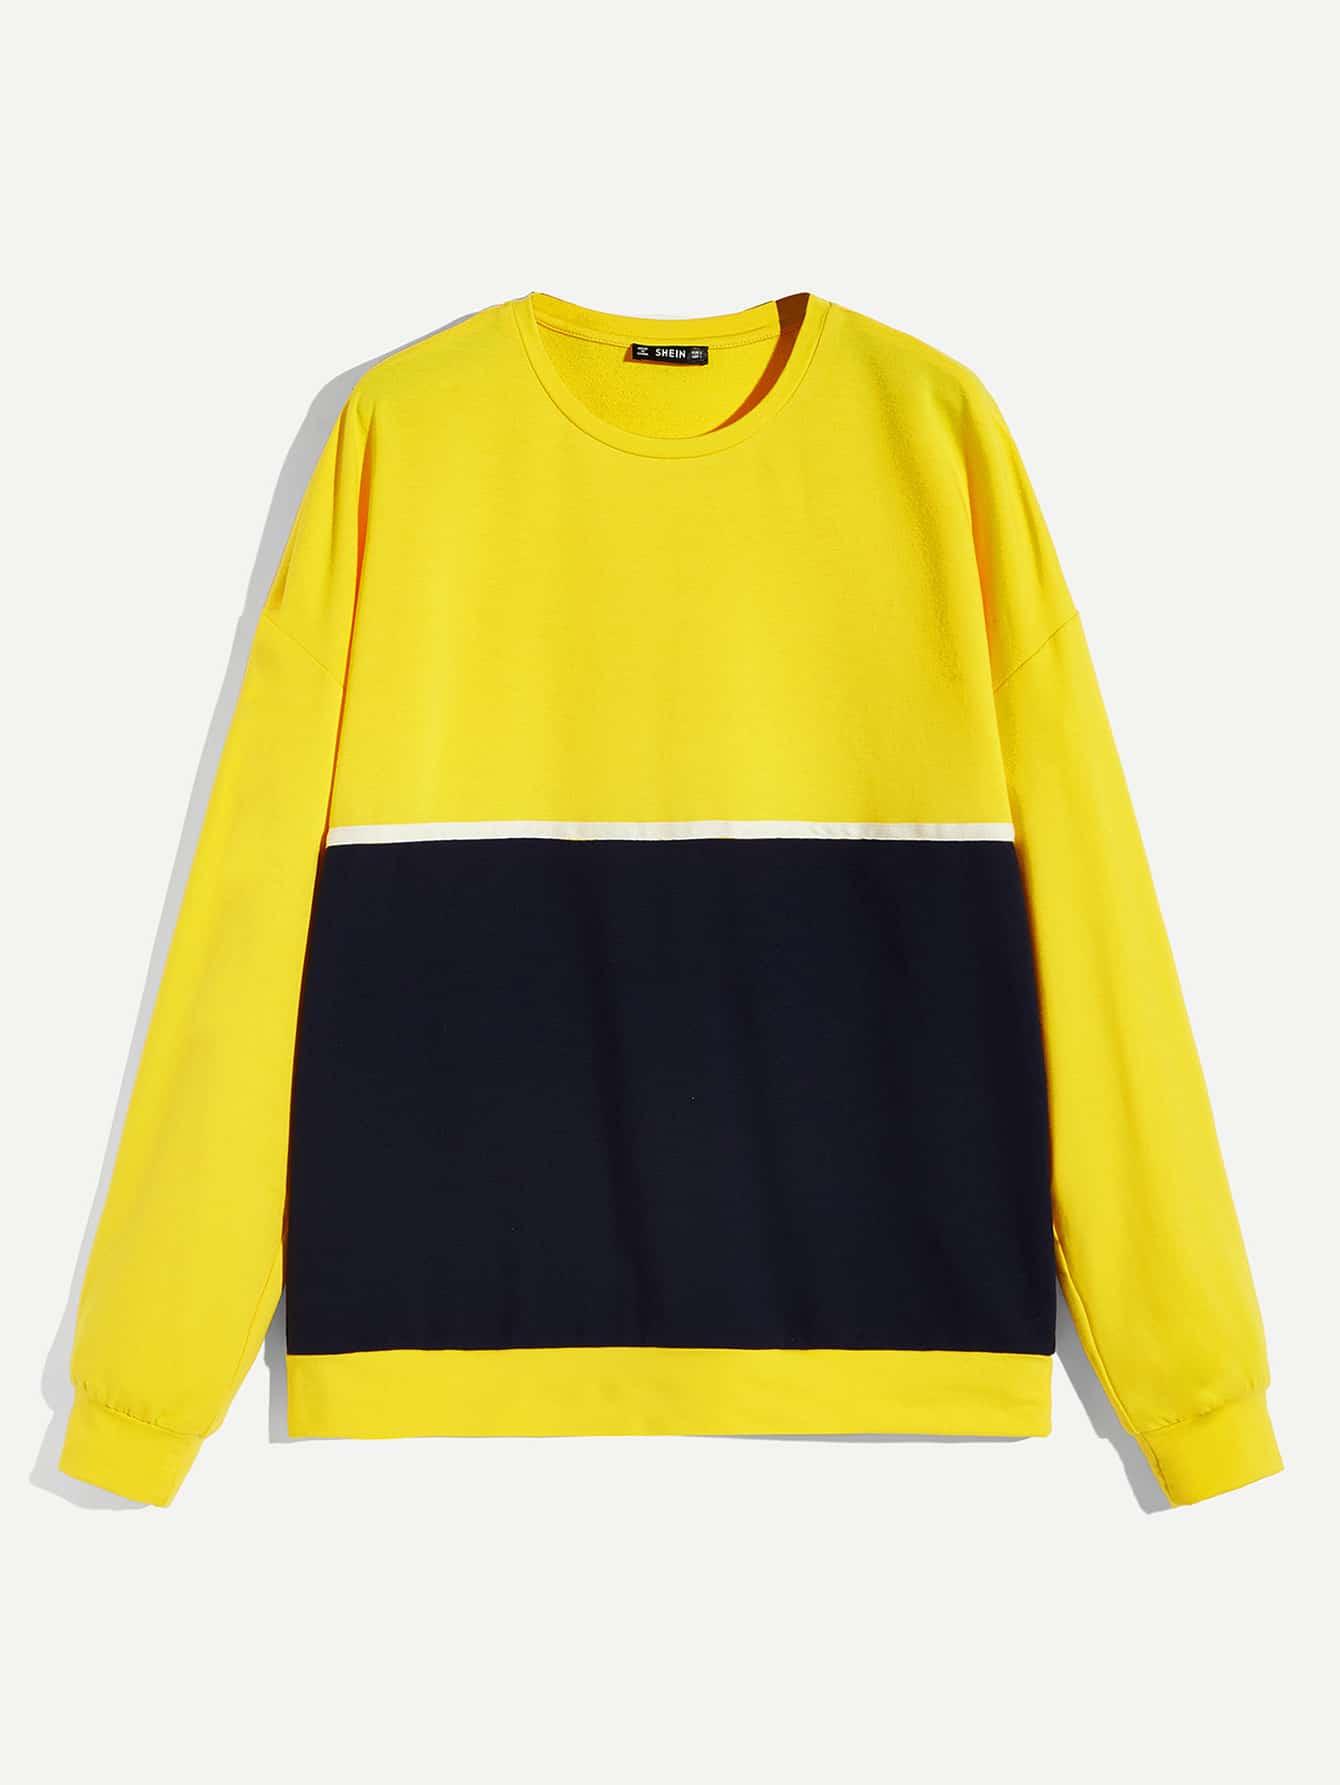 Купить Мужский контрастный пуловер с заниженной линией плеч, null, SheIn